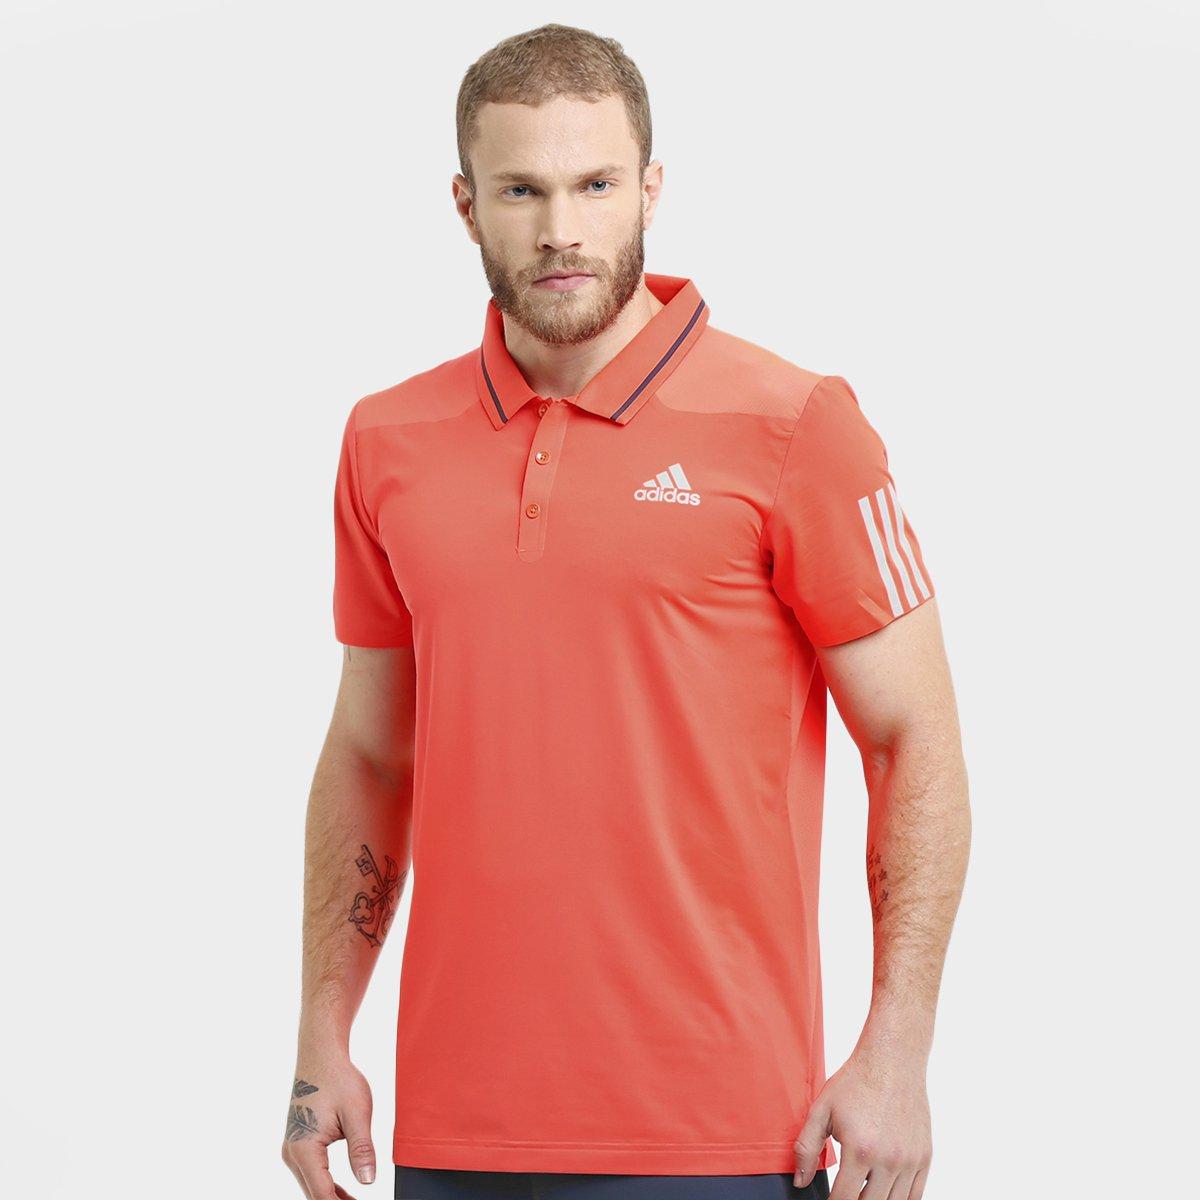 66343eae25 Camisa Polo Adidas Barricade - Compre Agora